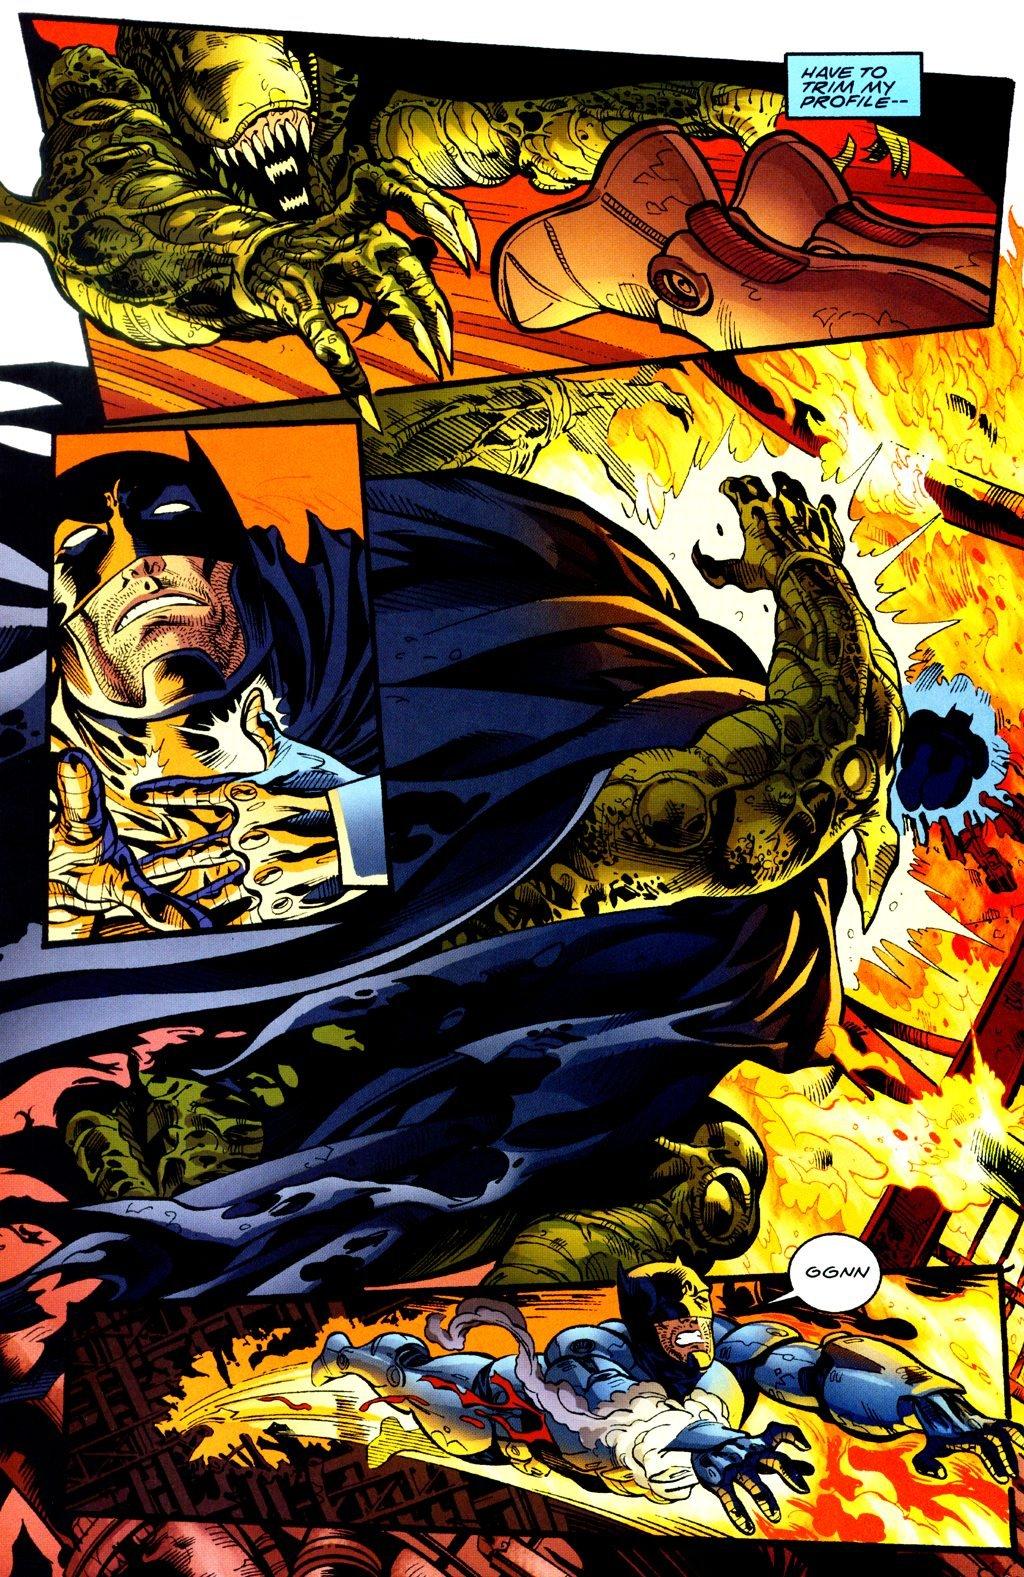 Бэтмен против Чужого?! Безумные комикс-кроссоверы сксеноморфами. - Изображение 20